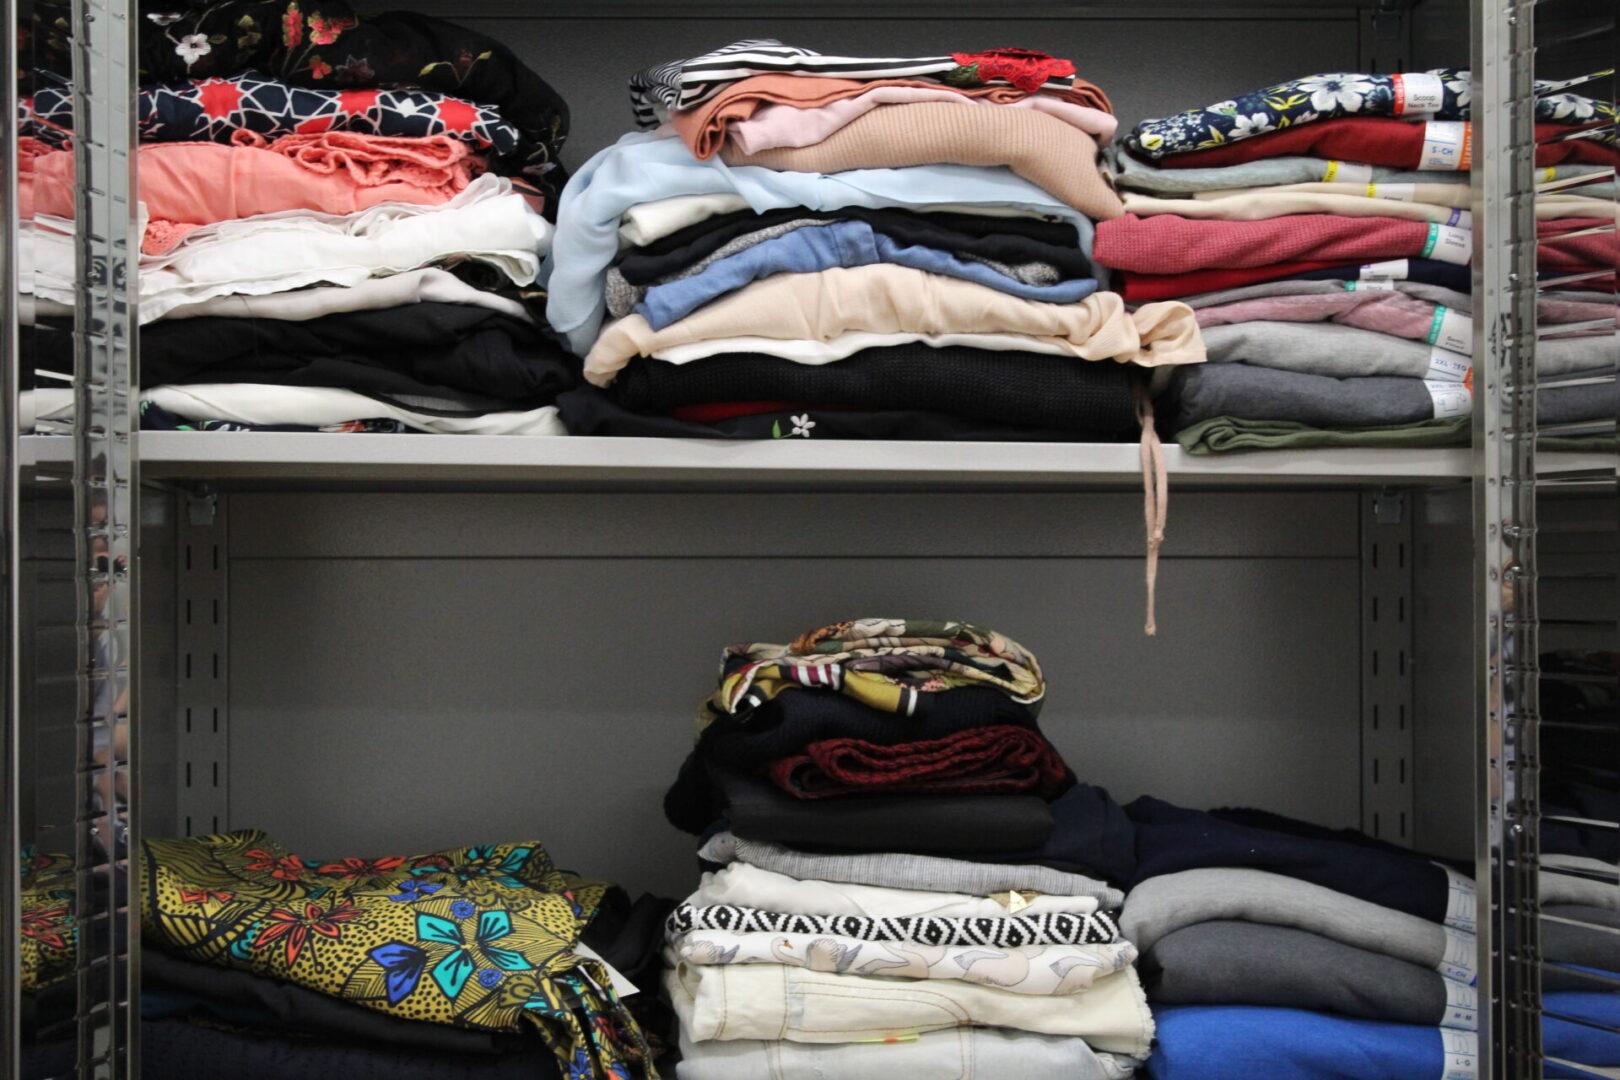 TN Stock Photo Clothing Closet